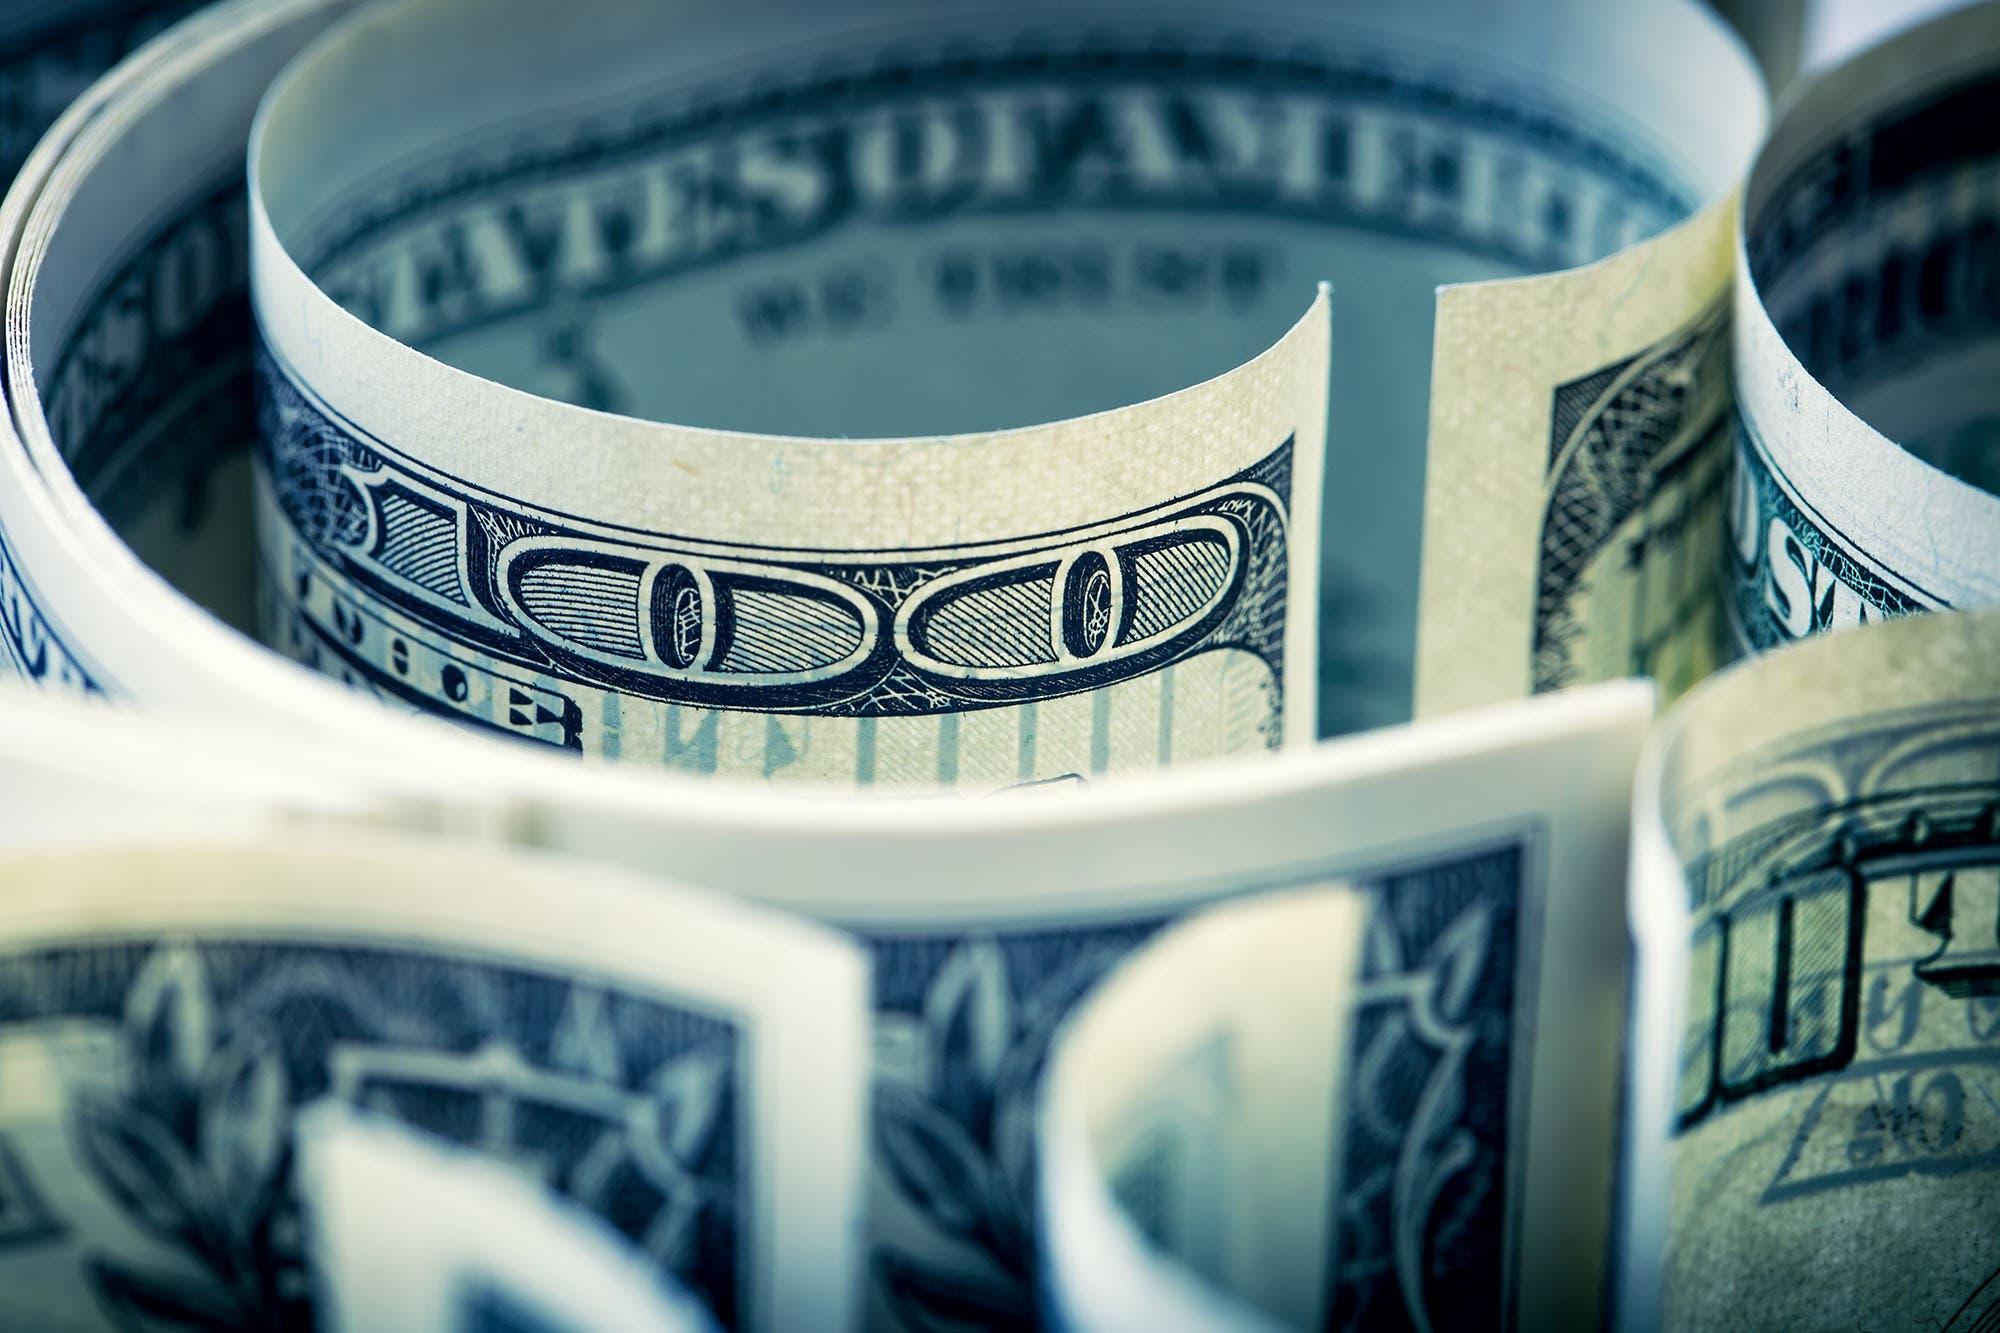 dolar-hoy:-cayeron-los-tipos-de-cambio-financieros-por-el-impuesto-a-la-riqueza